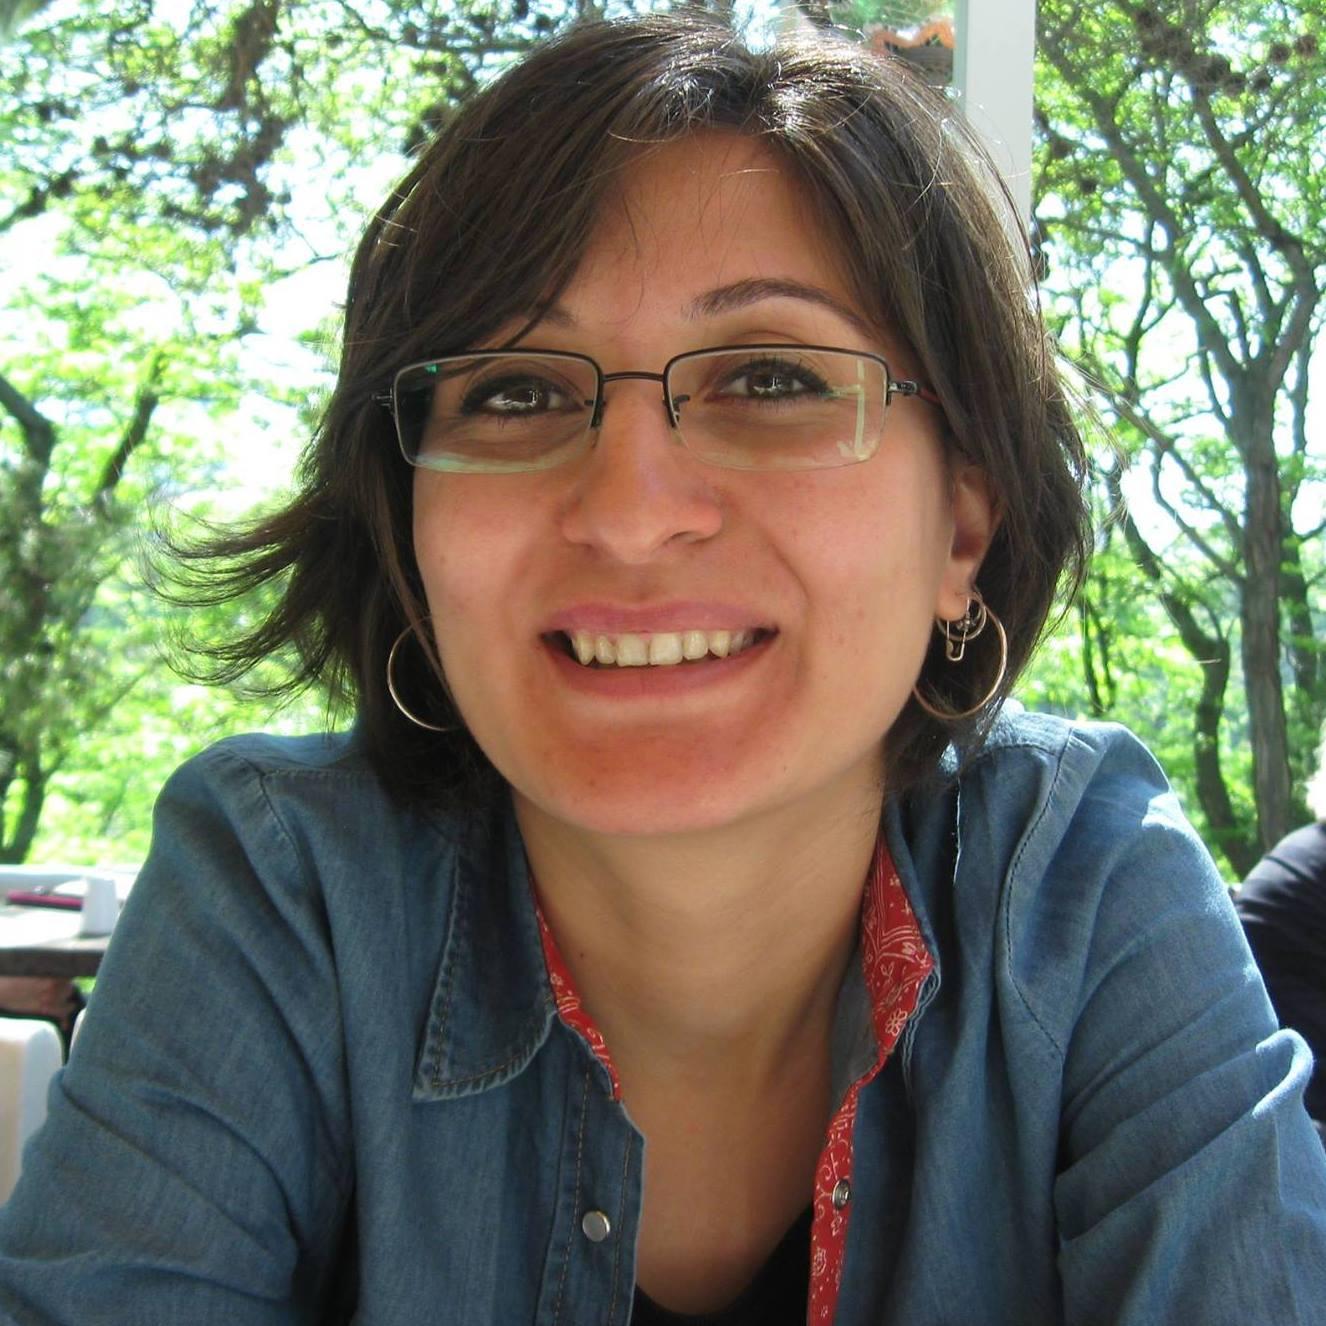 Hukuk Defterleri'nden Avukat Selin Aksoy'la yenilenen sitelerini konuştuk